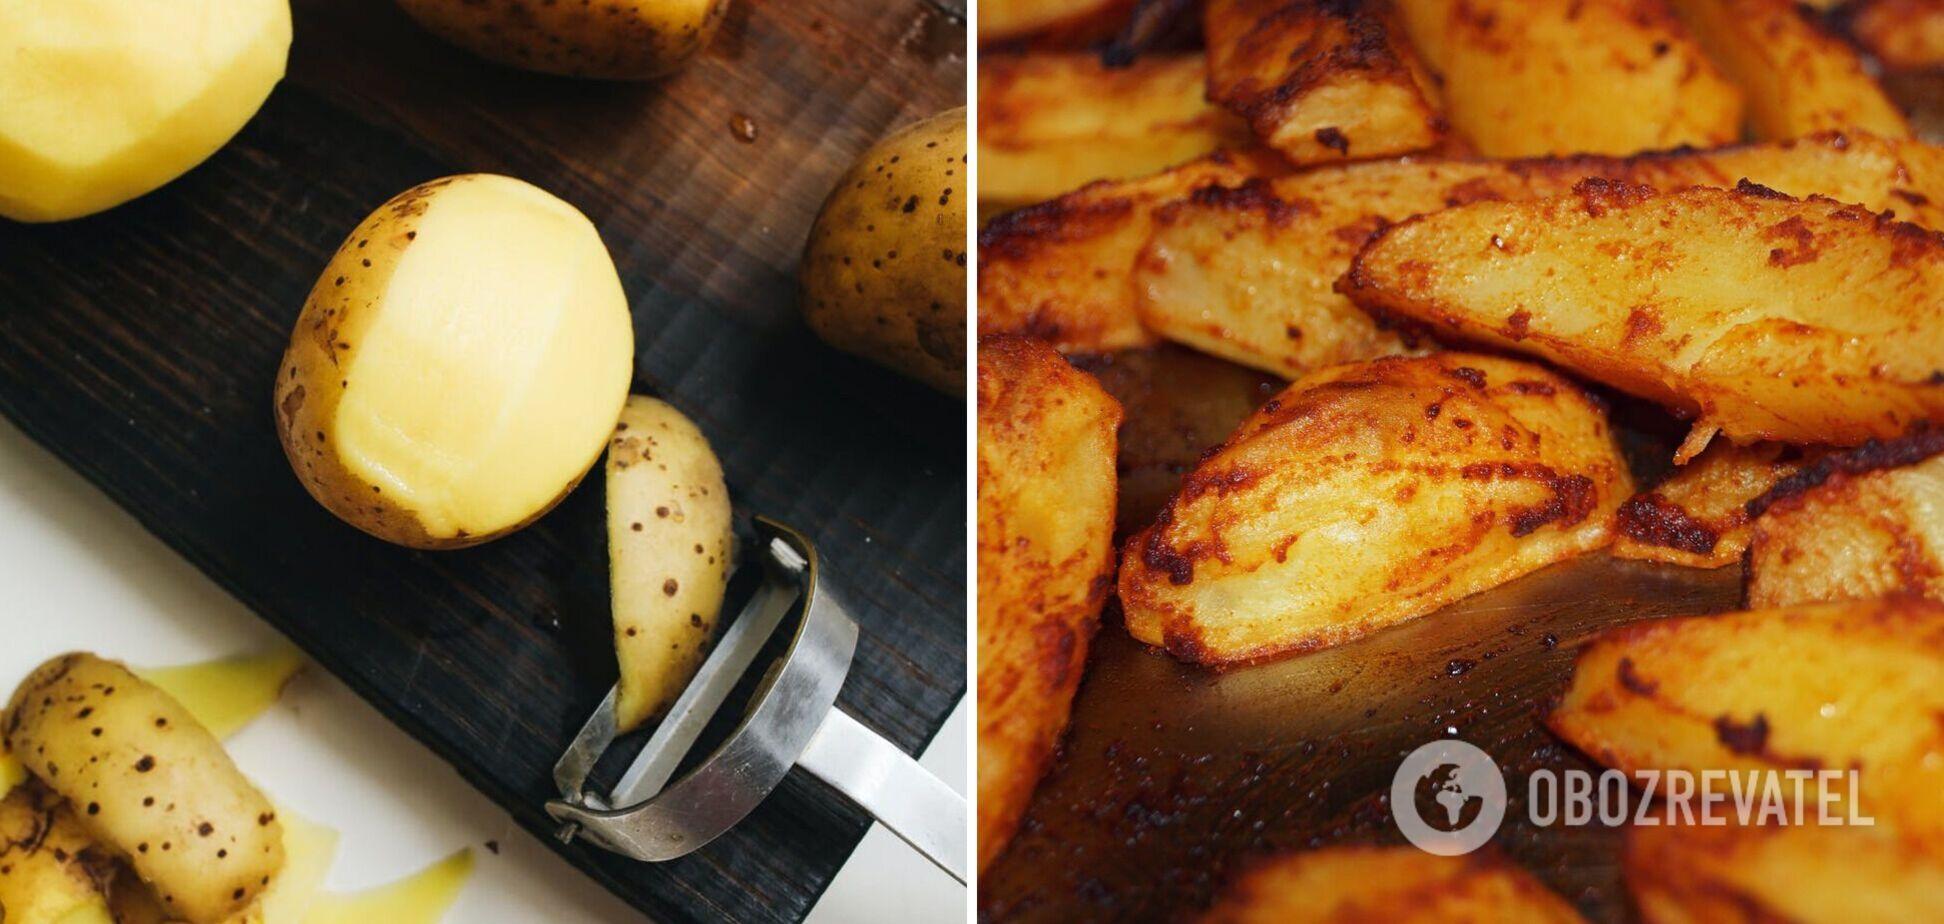 Для чого замочувати картоплю в крижаній воді перед приготуванням: простий лайфхак